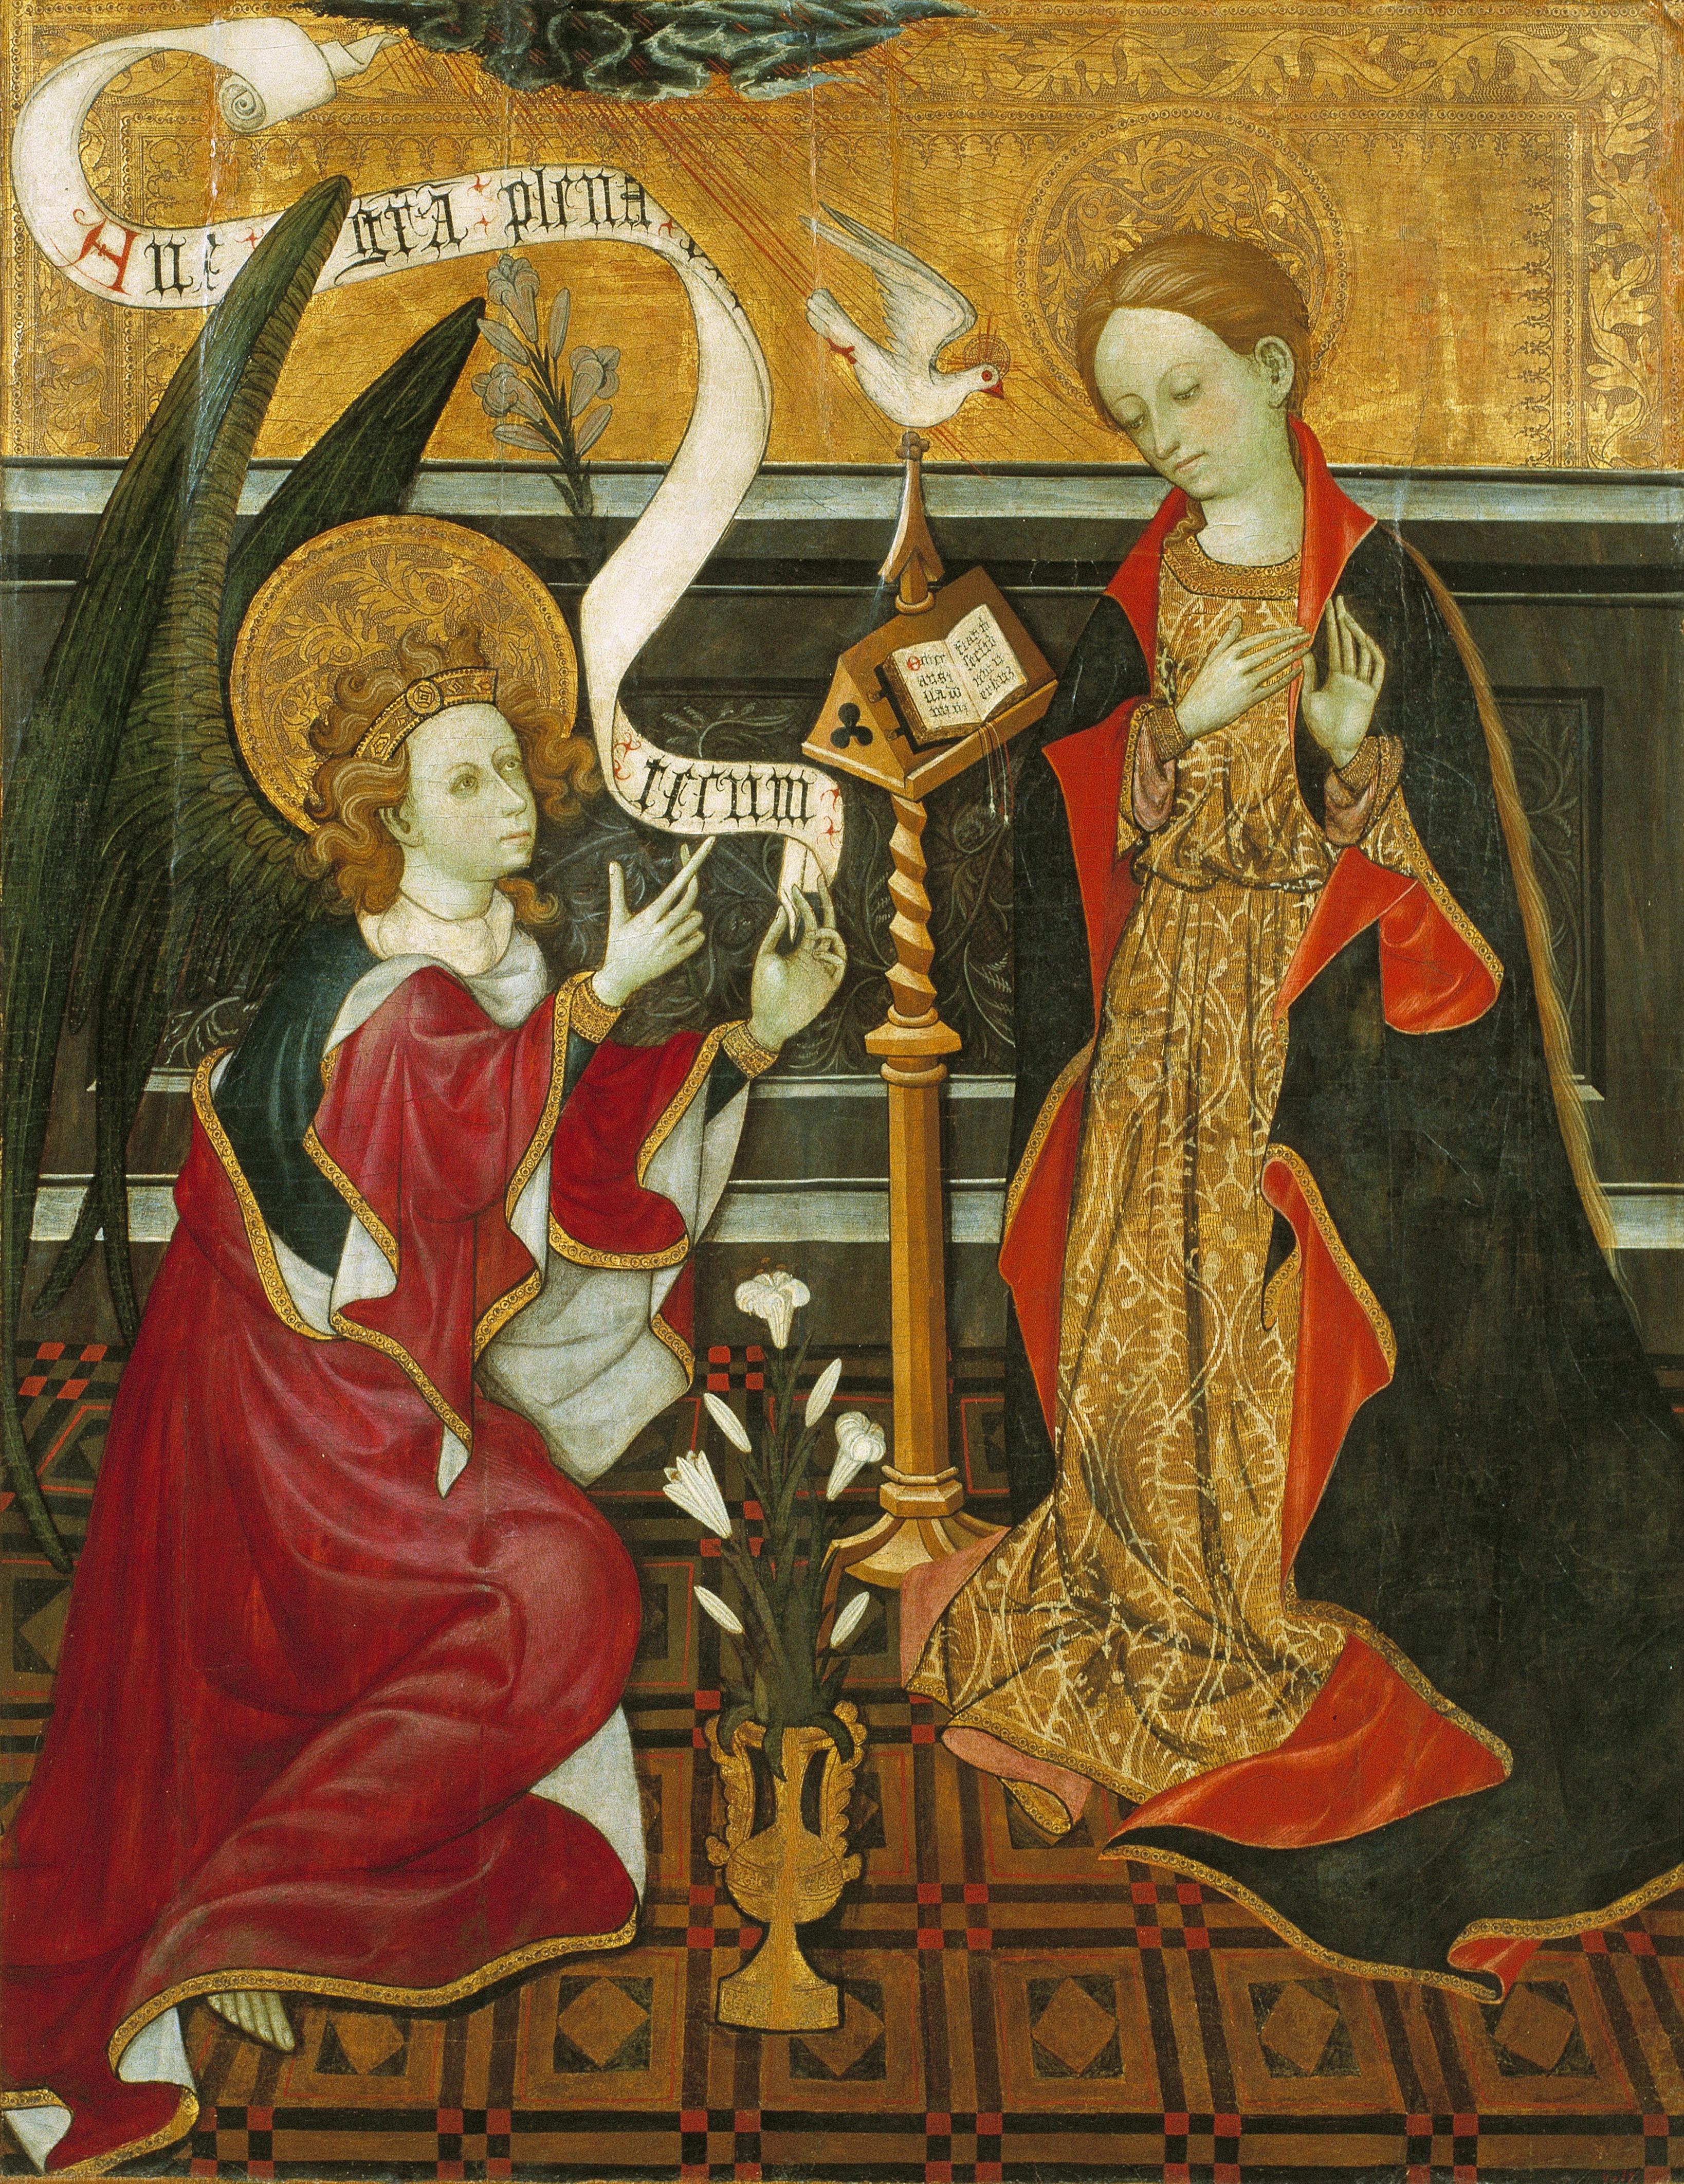 Annunciation, c. 1420. Museu Nacional d'Art de Catalunya, Barcelona, Spain. Via IllustratedPrayer.com